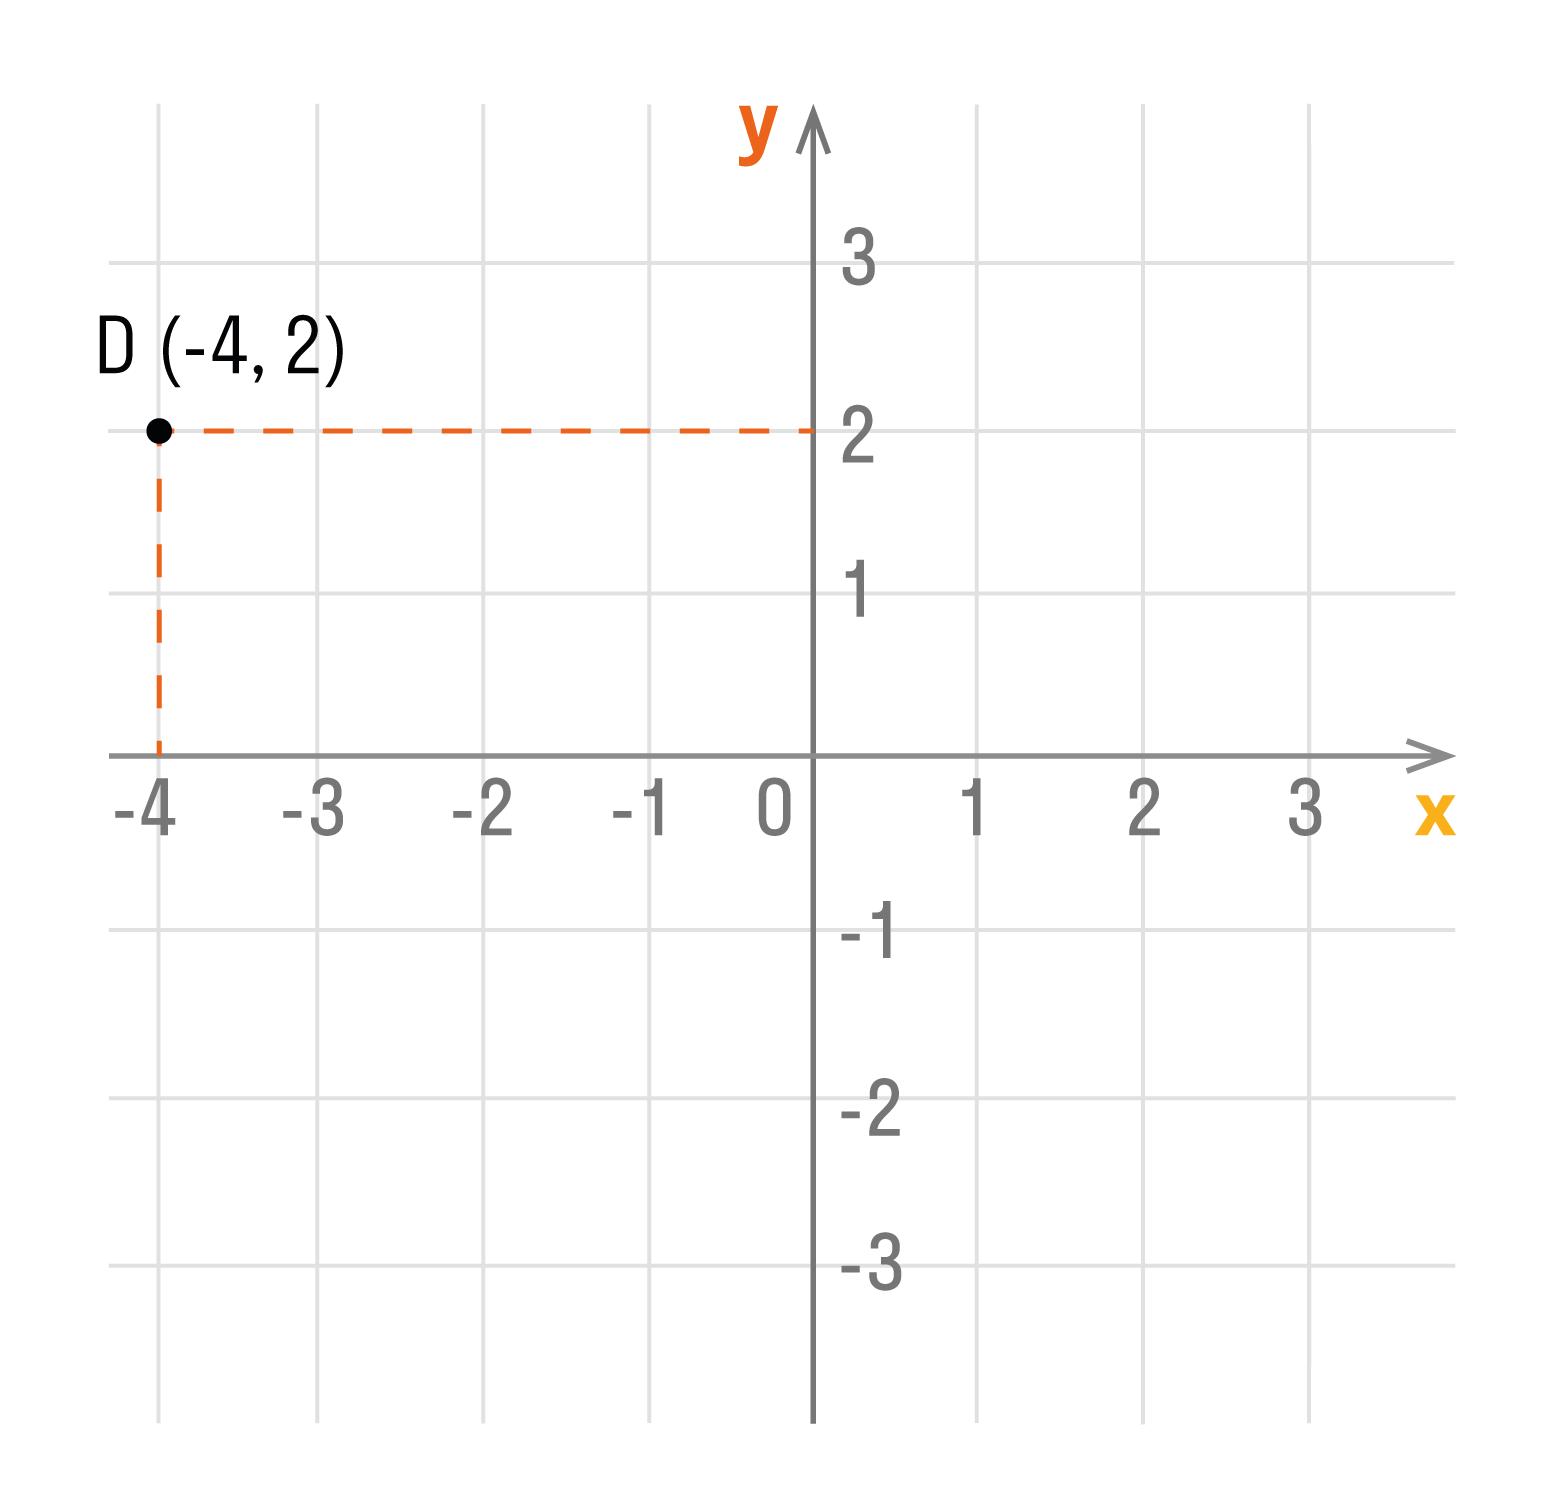 Точка пересечения перпендикуляров и есть искомая точка D. Ее абсцисса равна -4, а ордината — 2.